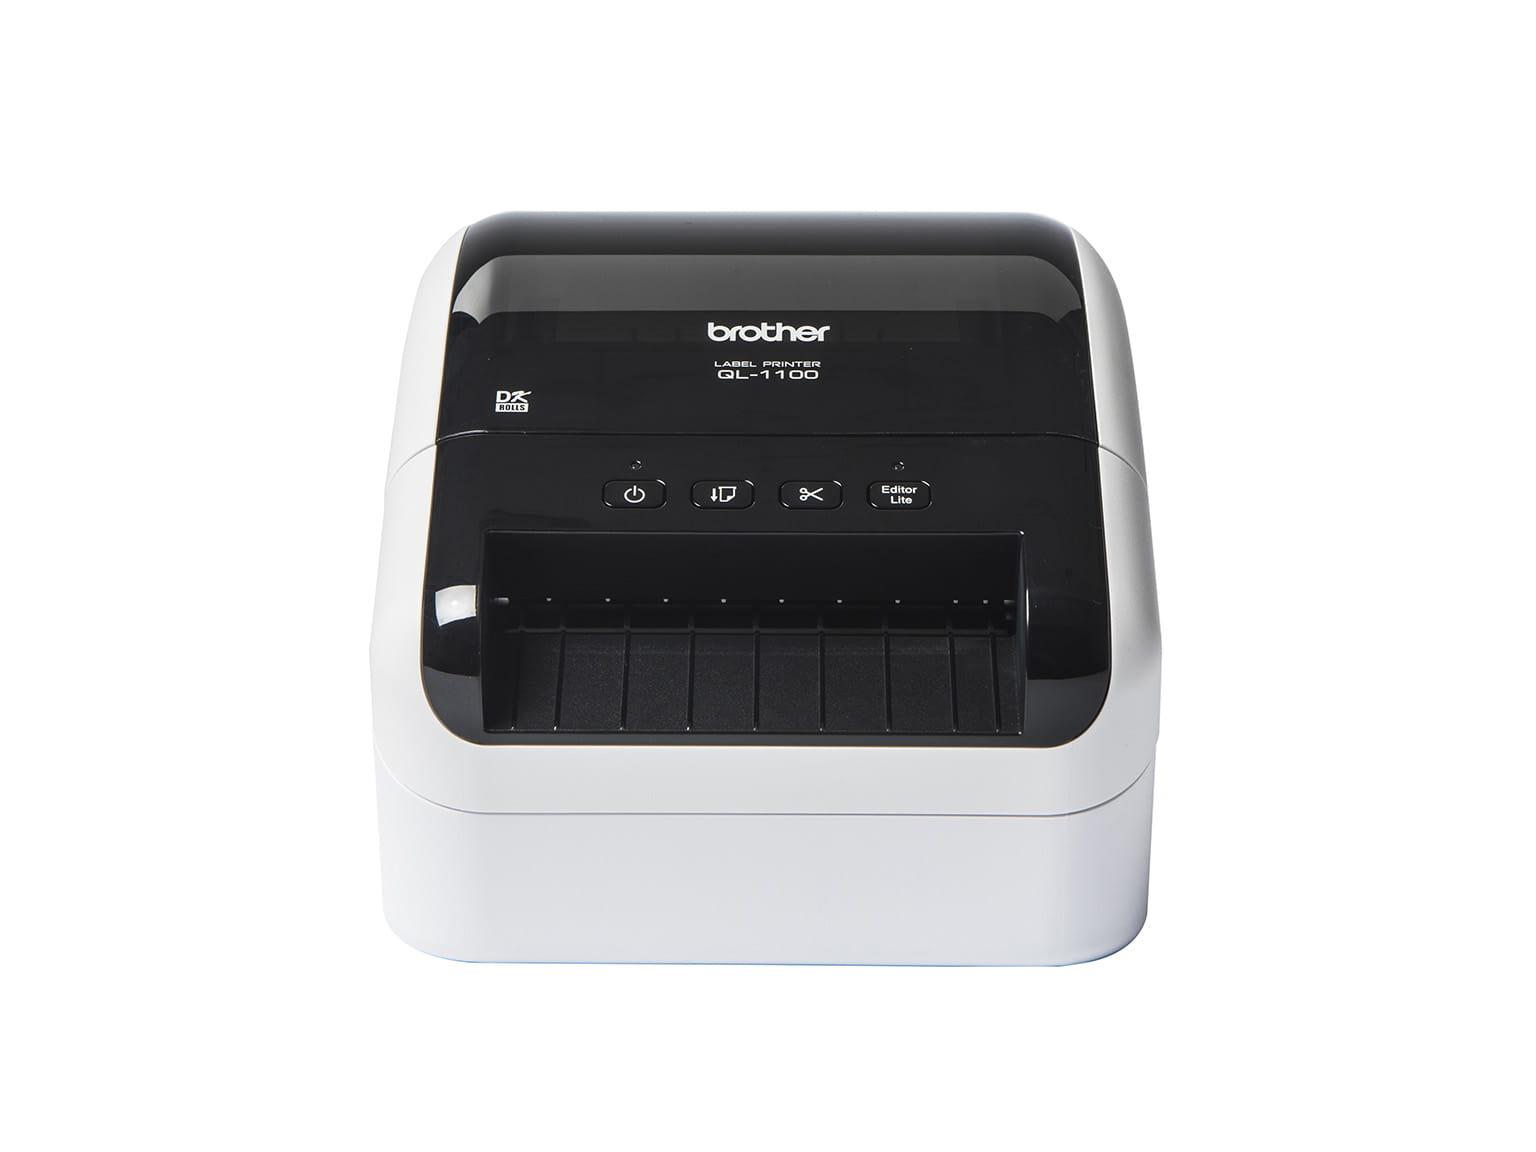 Brother QL-1100 drukarka etykiet dla opieki medycznej